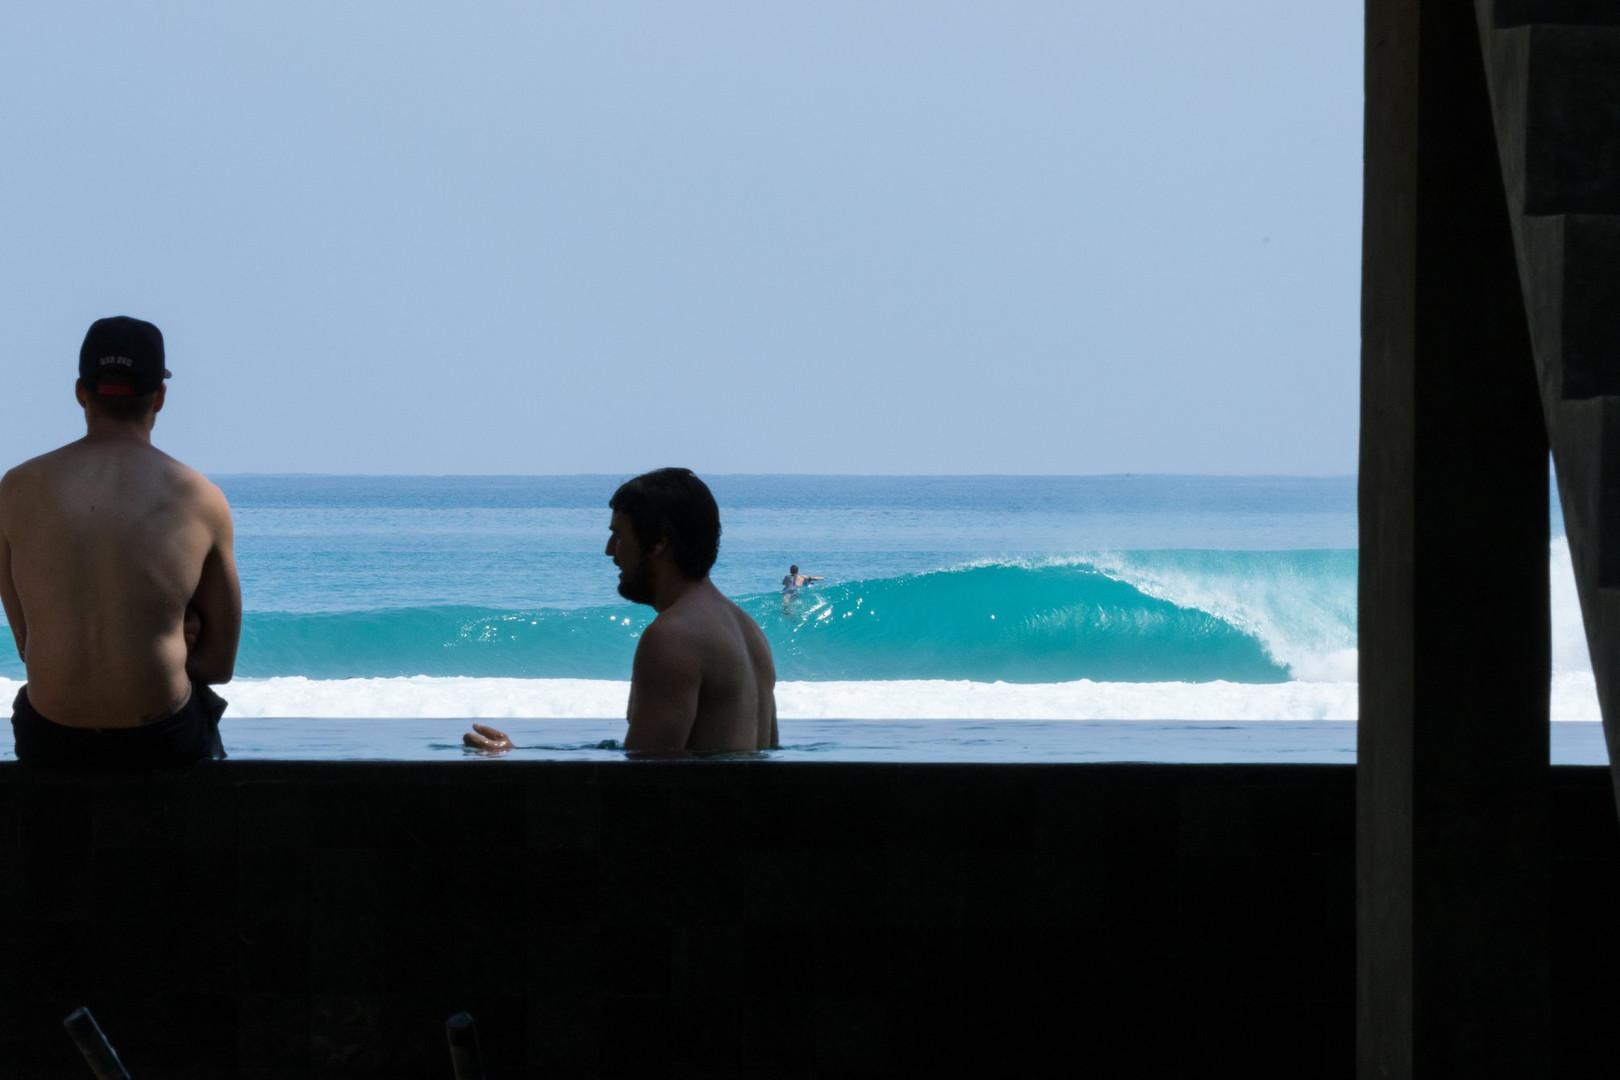 sumatra-surf-restort-krui-pool.jpg